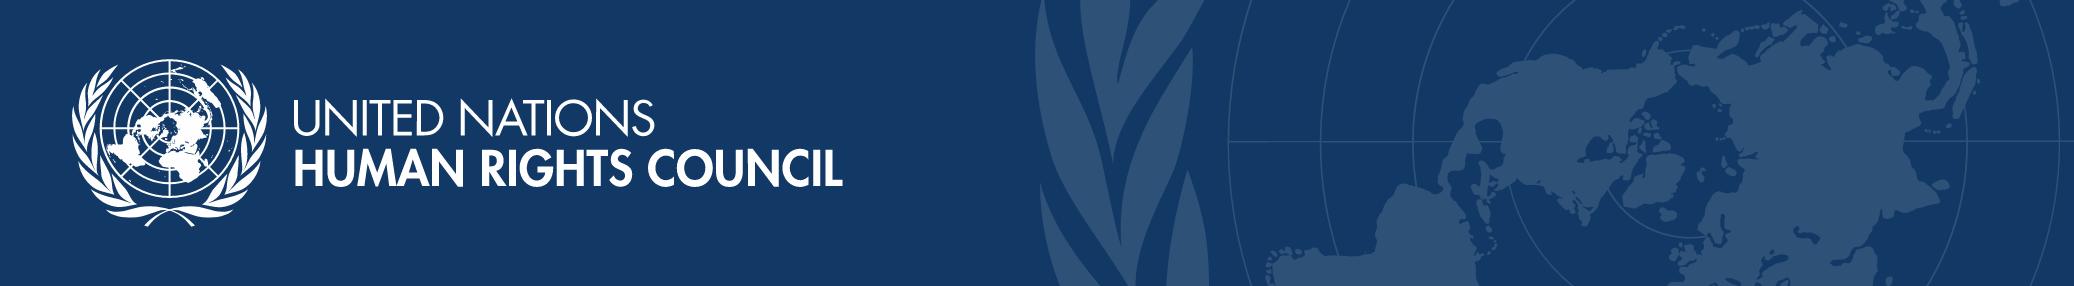 UN-Human-Rights-Council-website-Jul2019